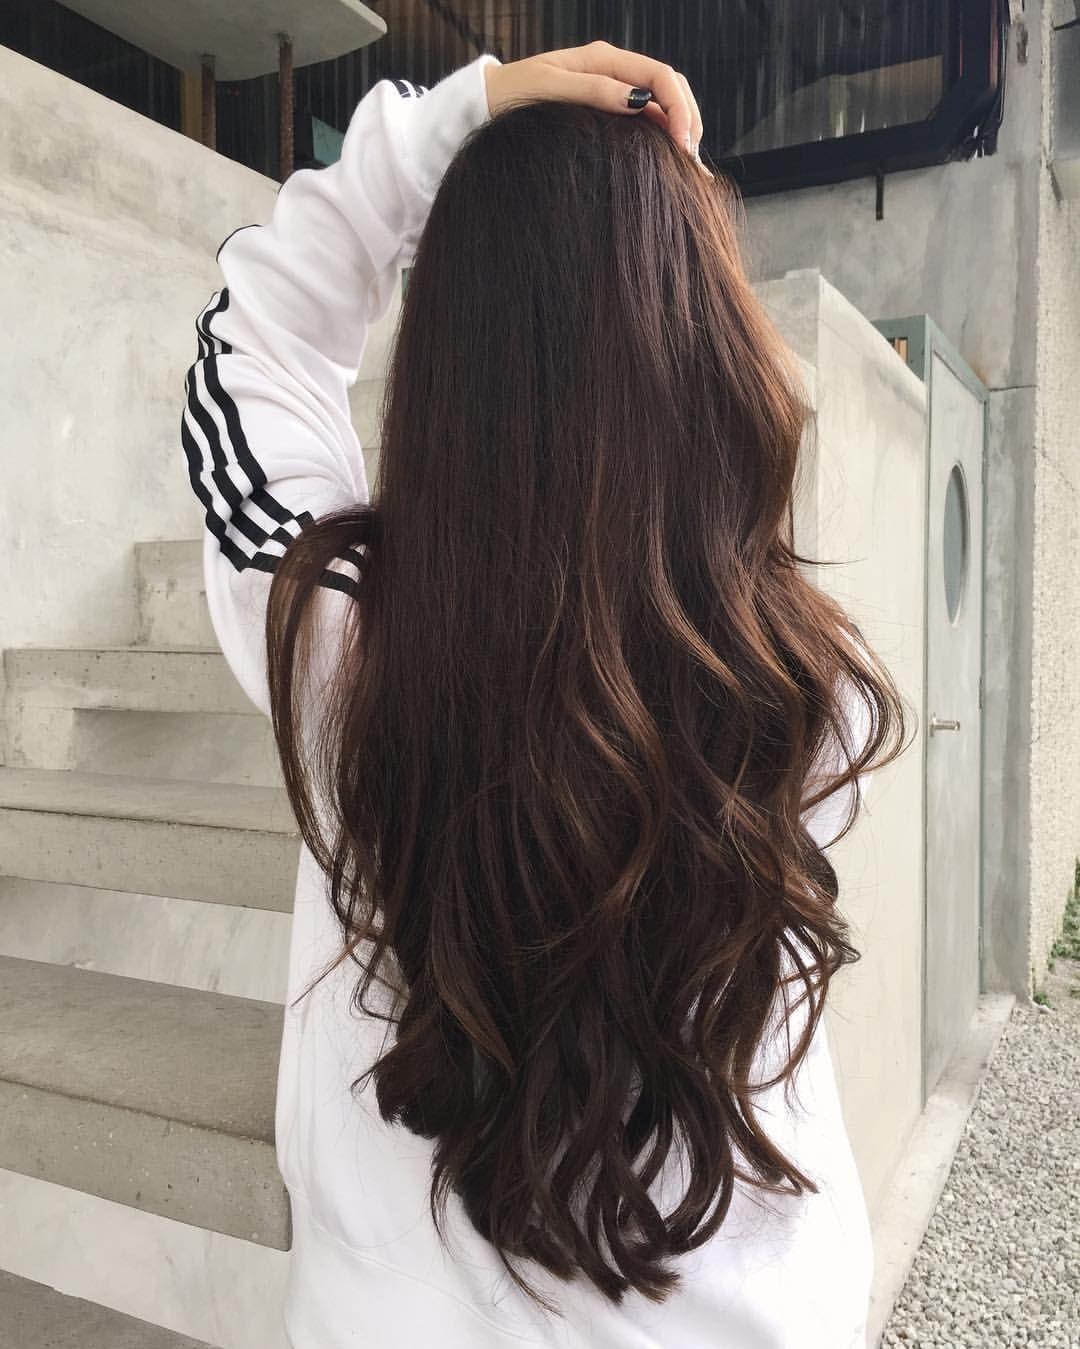 Ảnh tóc dài ngang lưng uốn đuôi đẹp